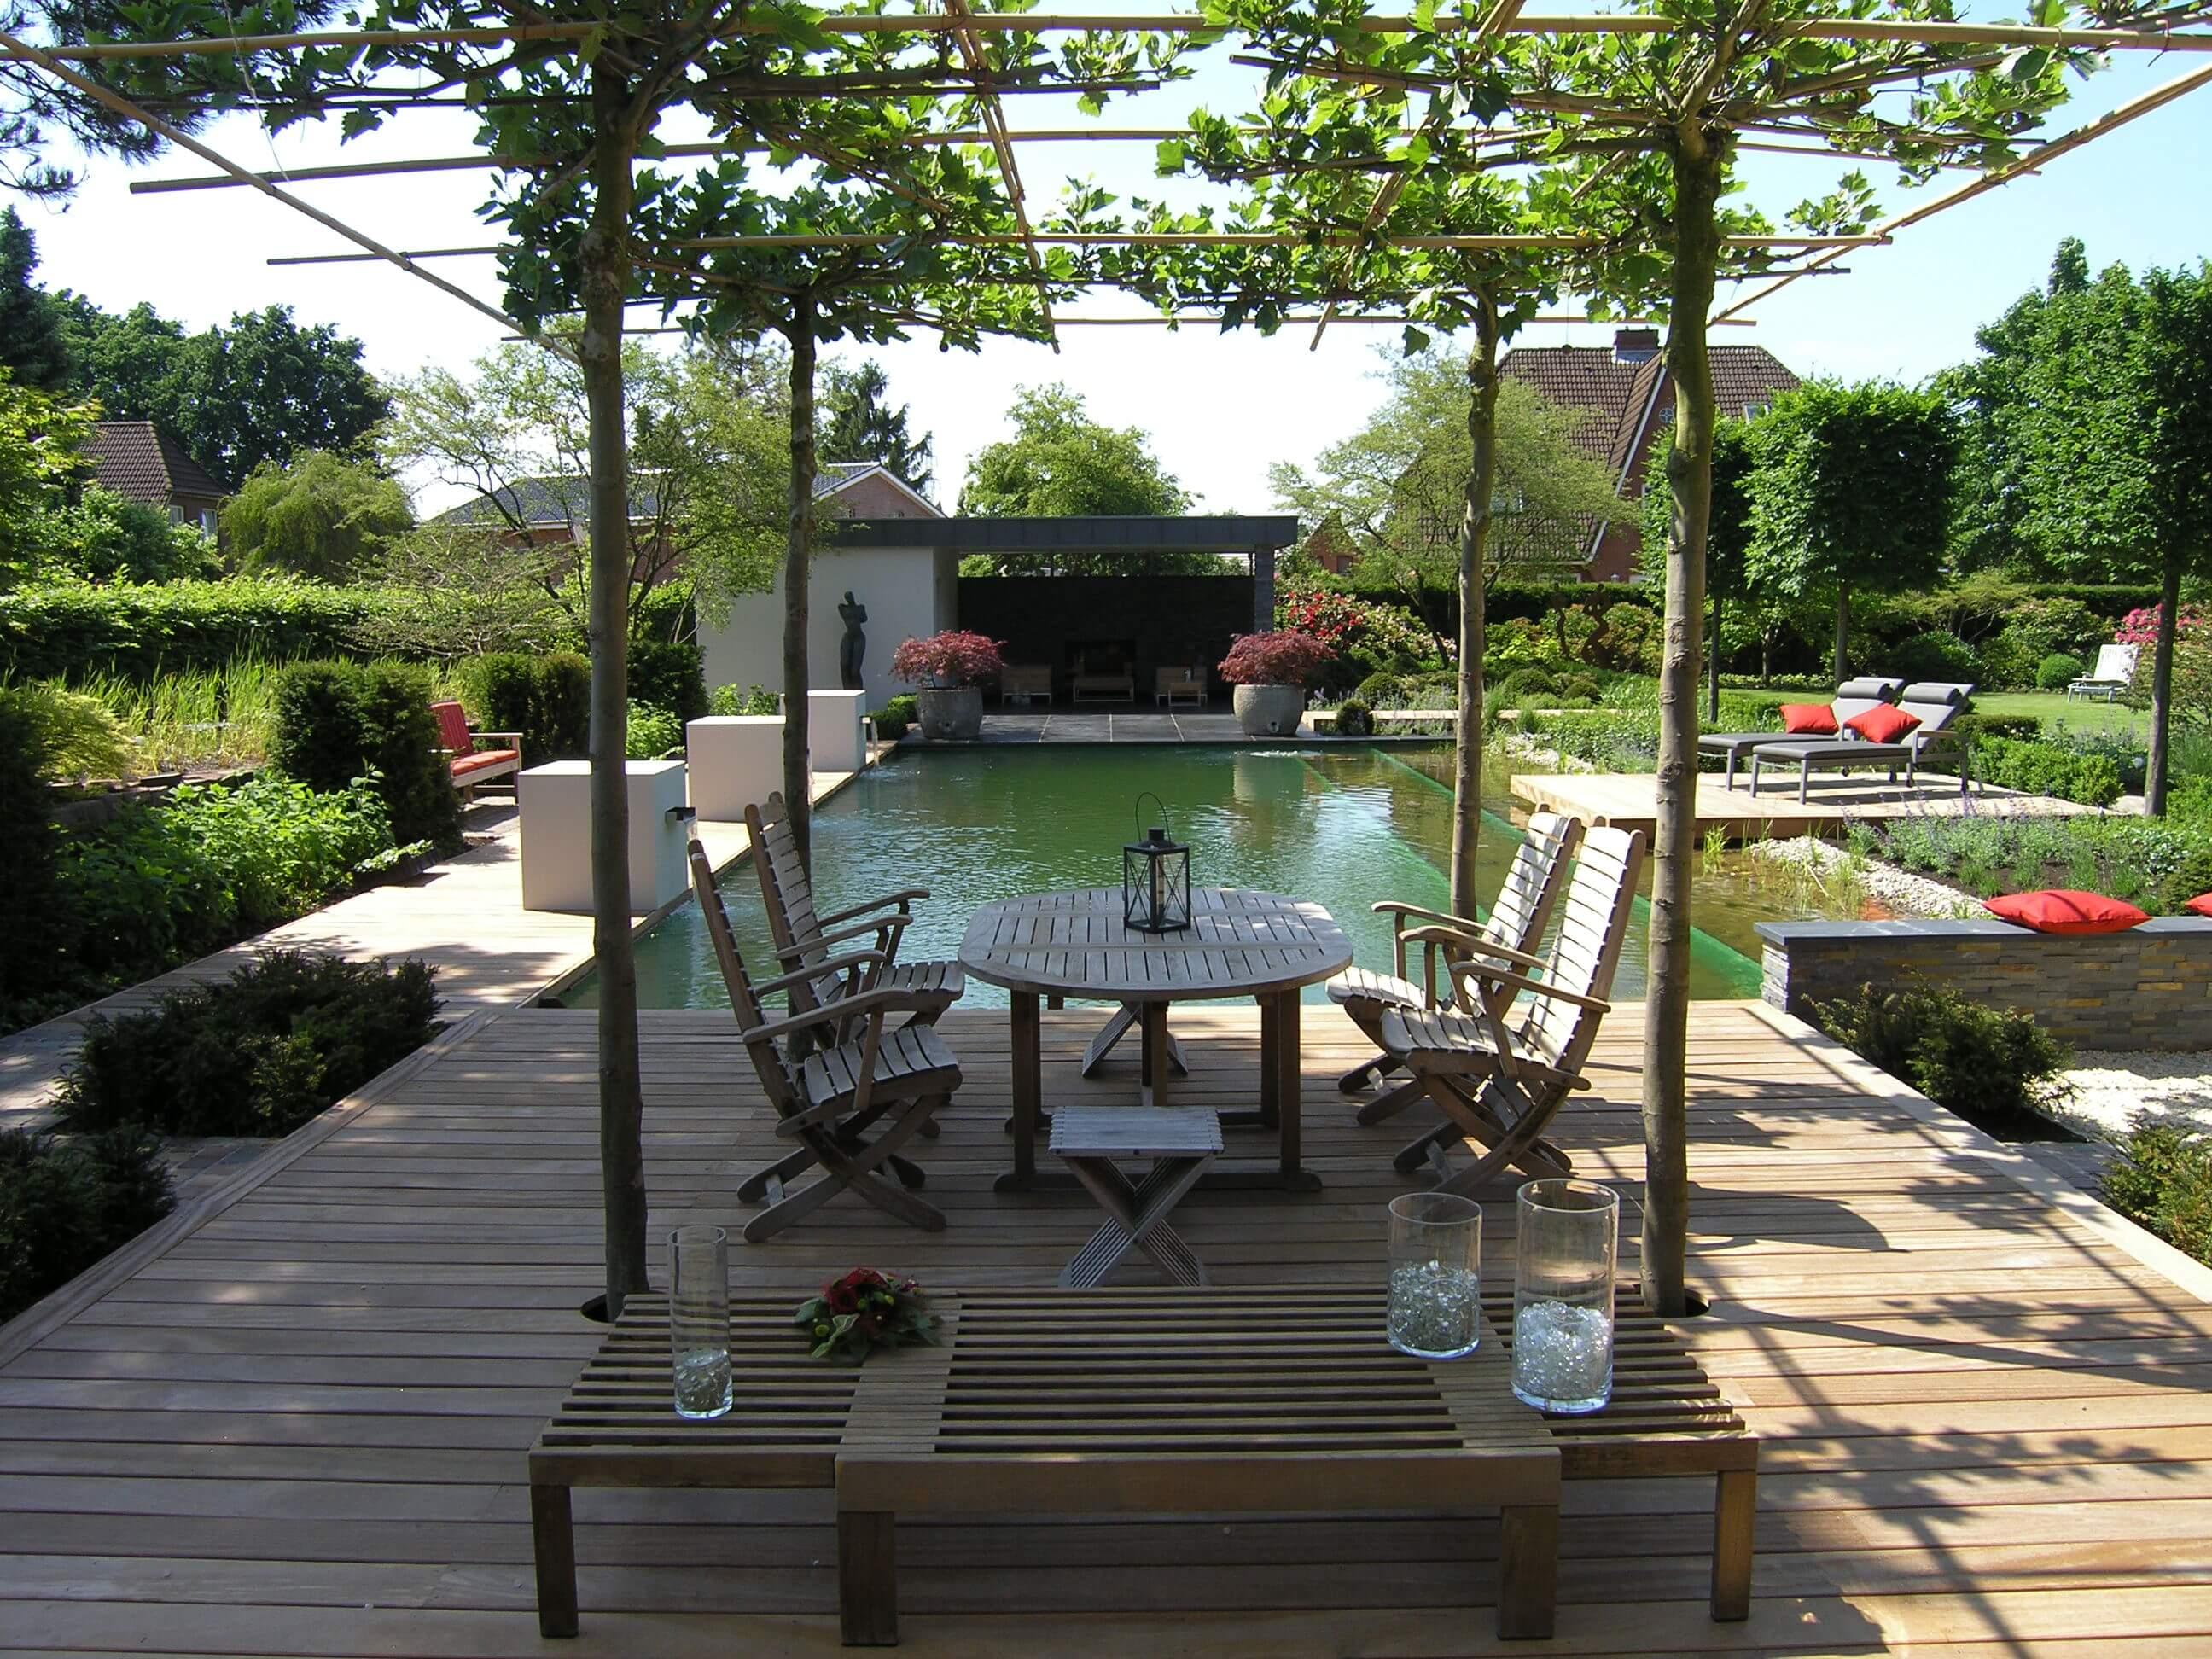 Biotop zwemvijver in particuliere tuin - Hoe aangelegde tuin ...